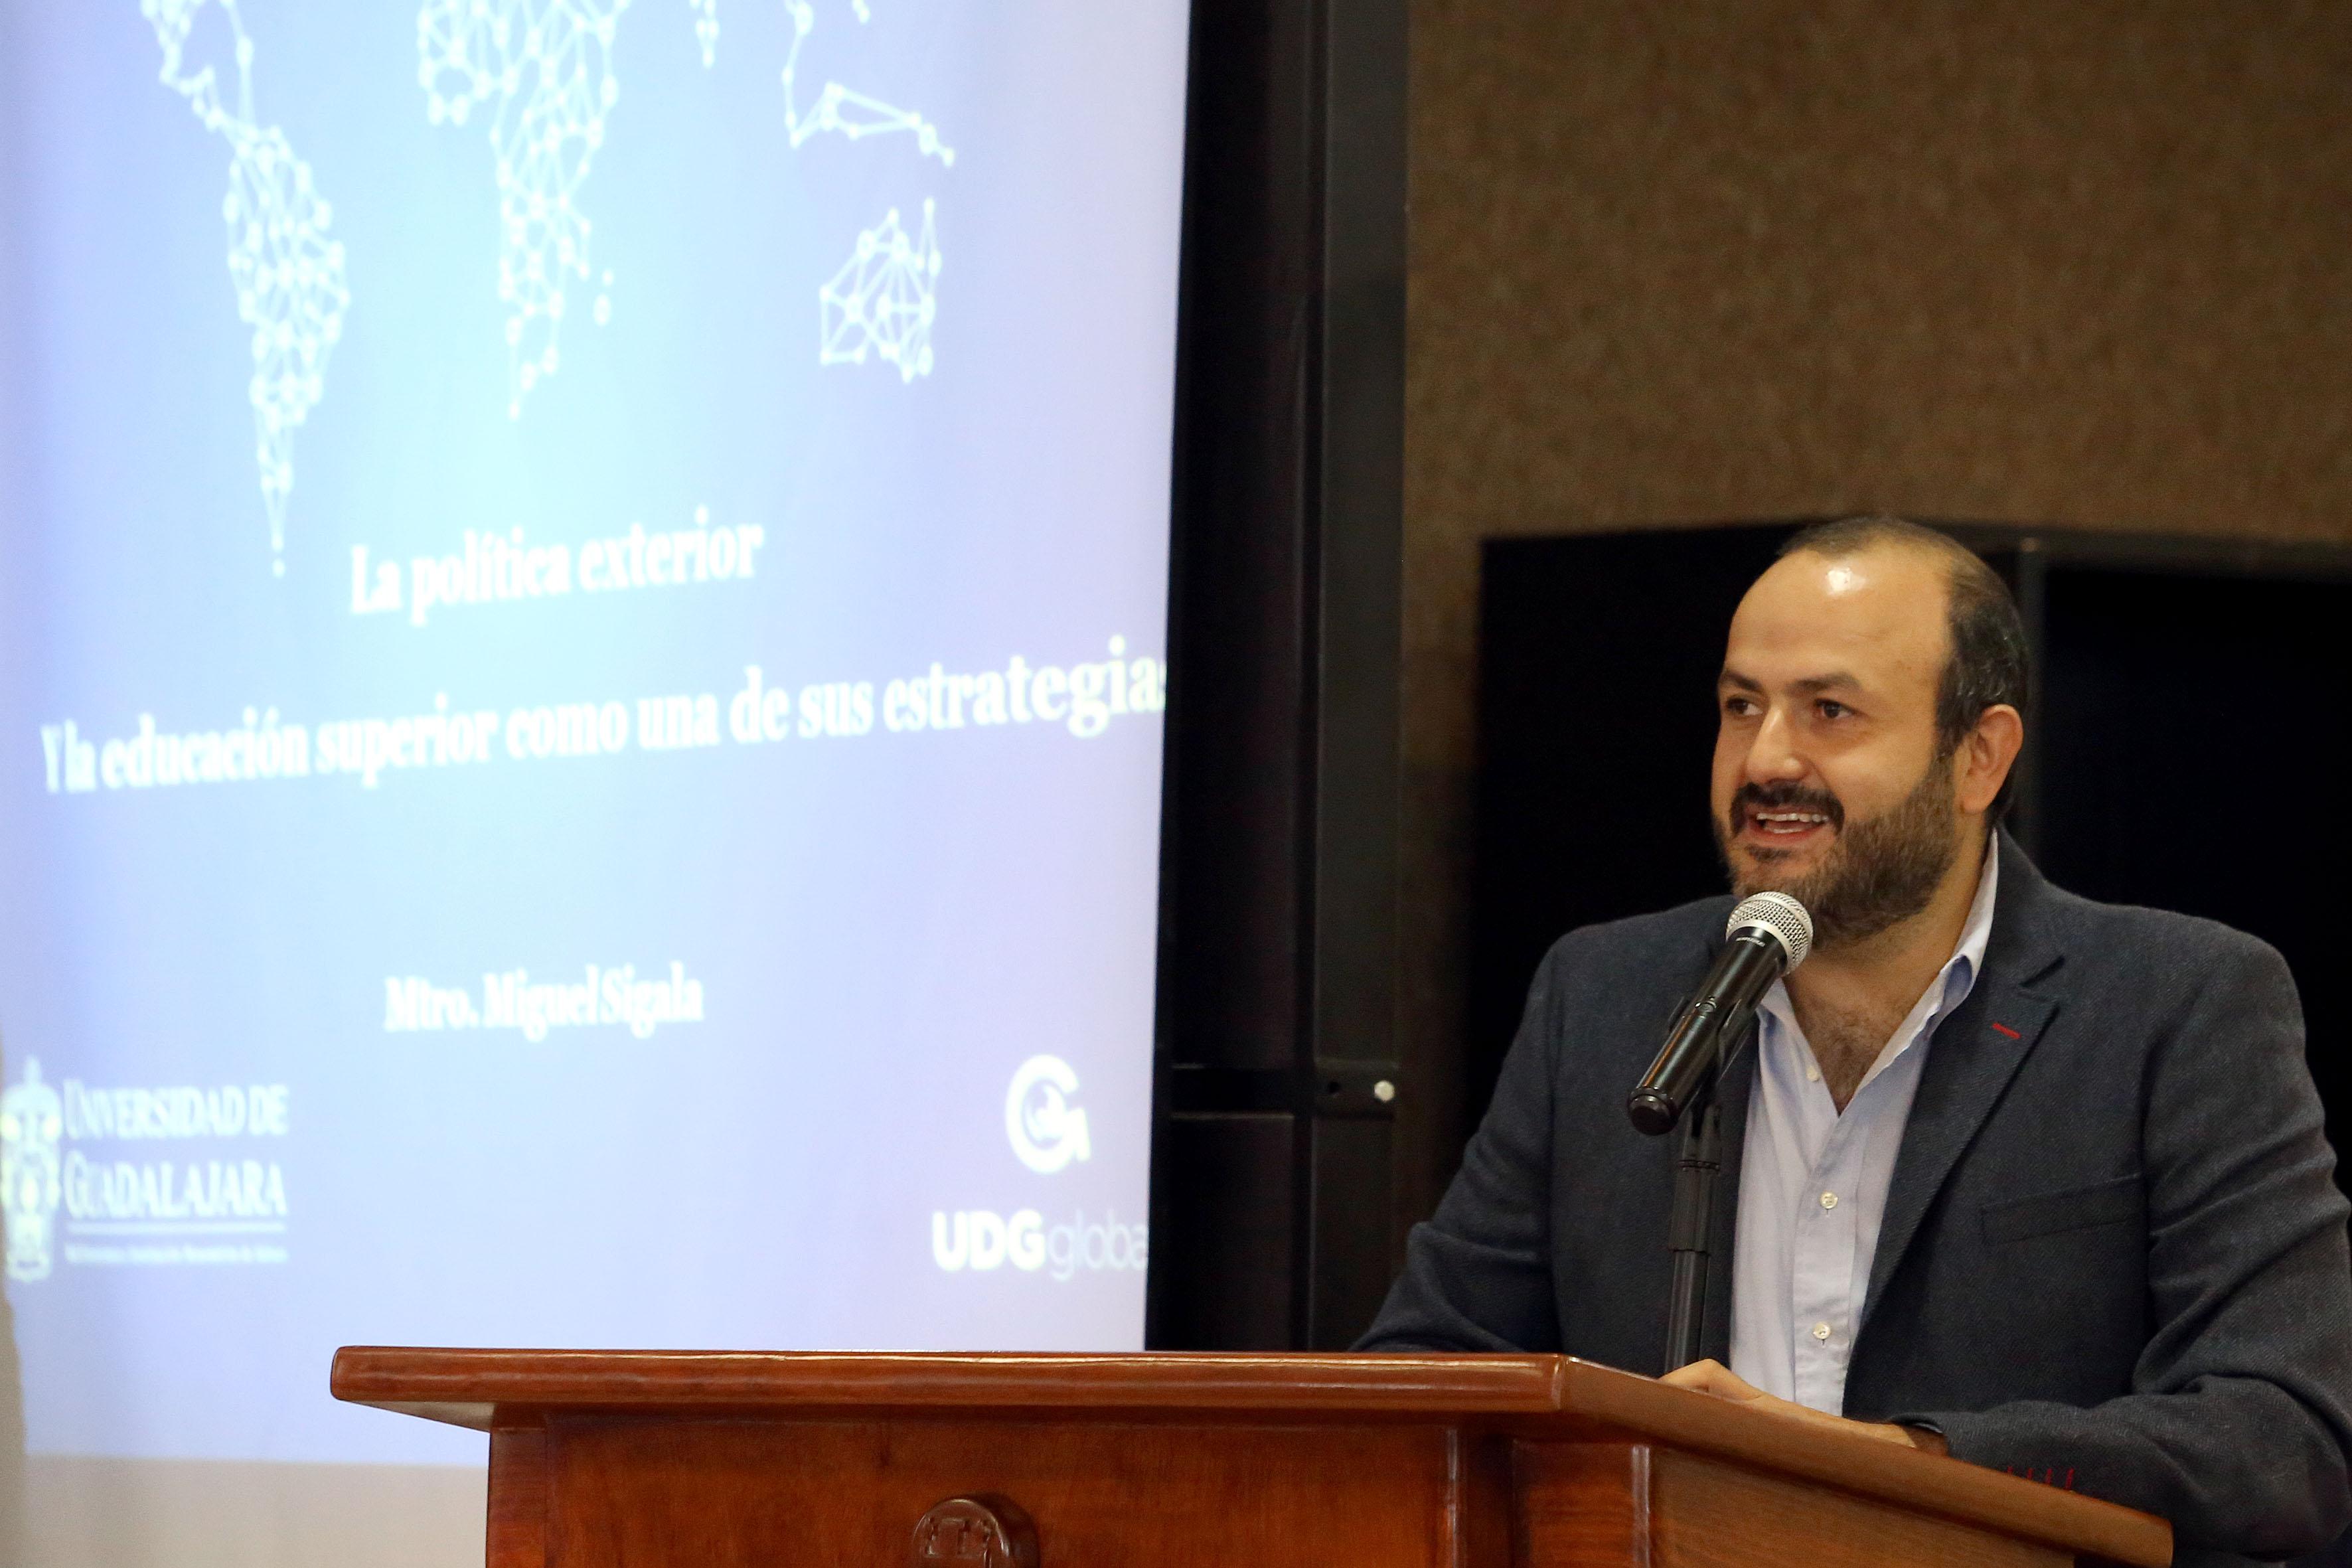 Doctor Ricardo Villanueva Lomelí, Rector del CUTonalá, en podium del auditorio, haciendo uso de la palabra, durante acto inagural.